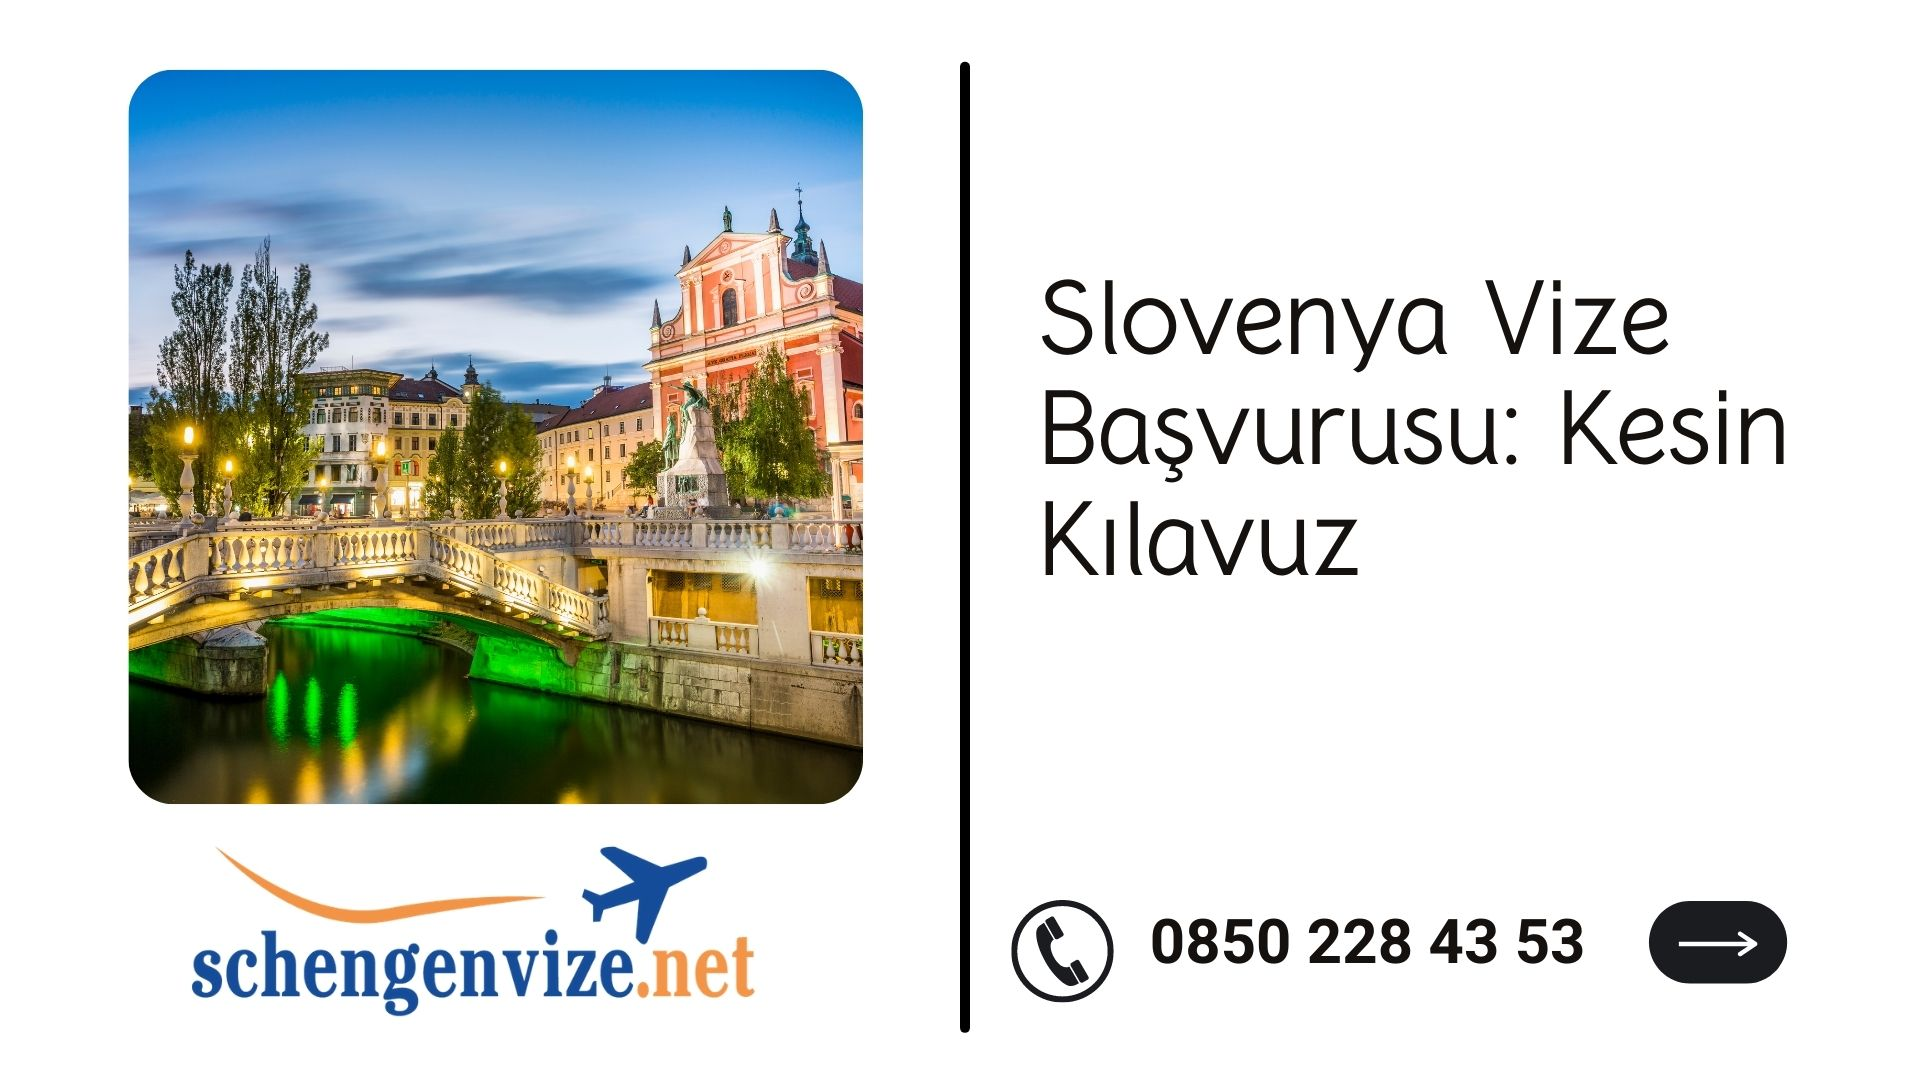 Slovenya Vize Başvurusu: Kesin Kılavuz 2021